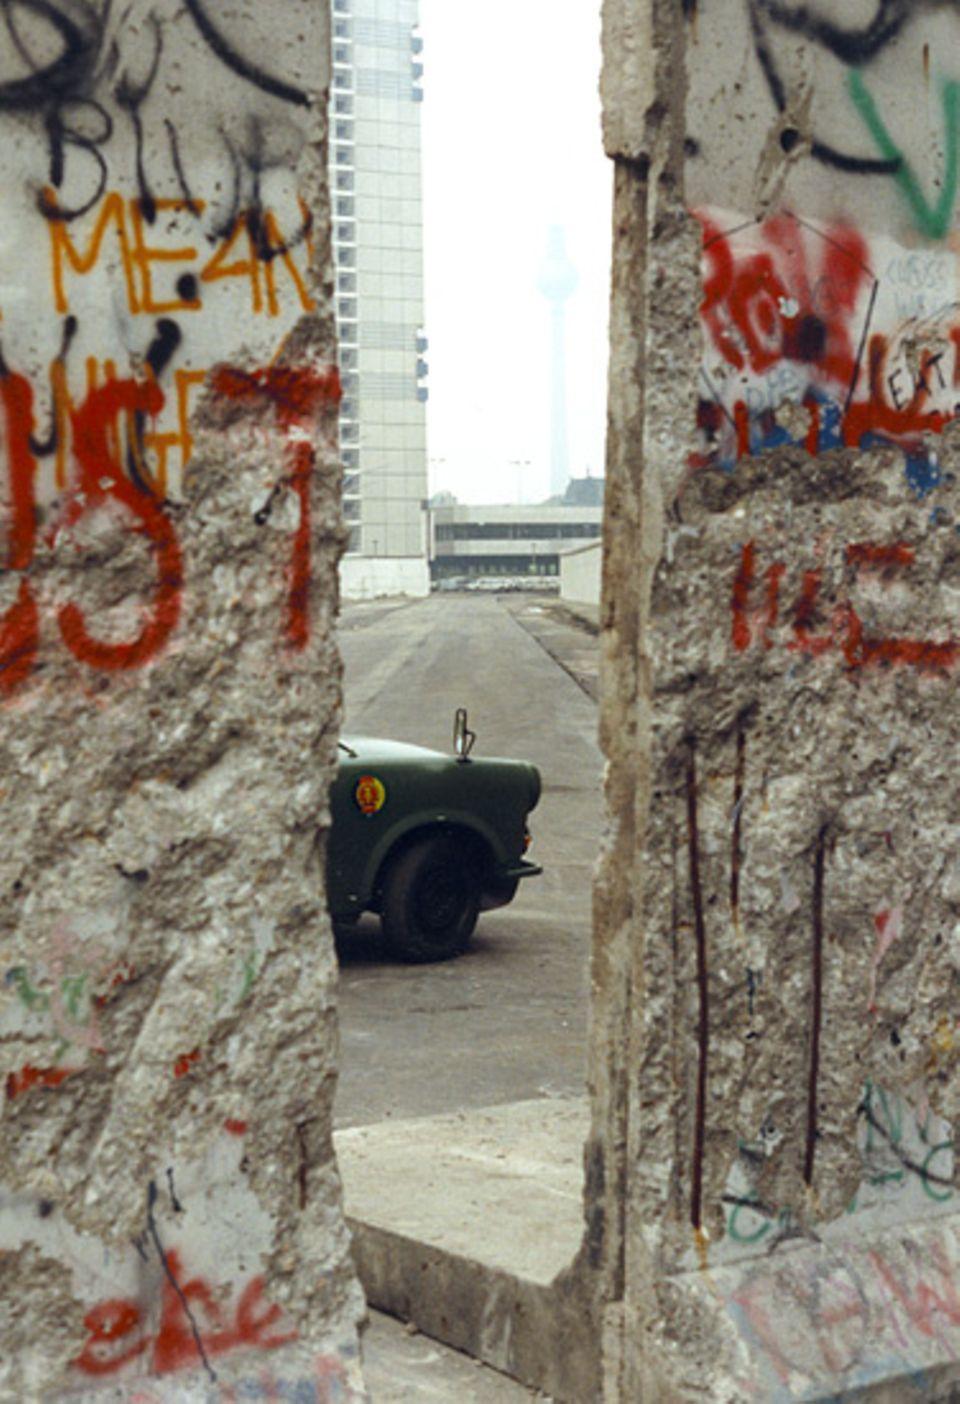 Blick in den Westen - Der Fall der Mauer ist nur noch eine Frage der Zeit